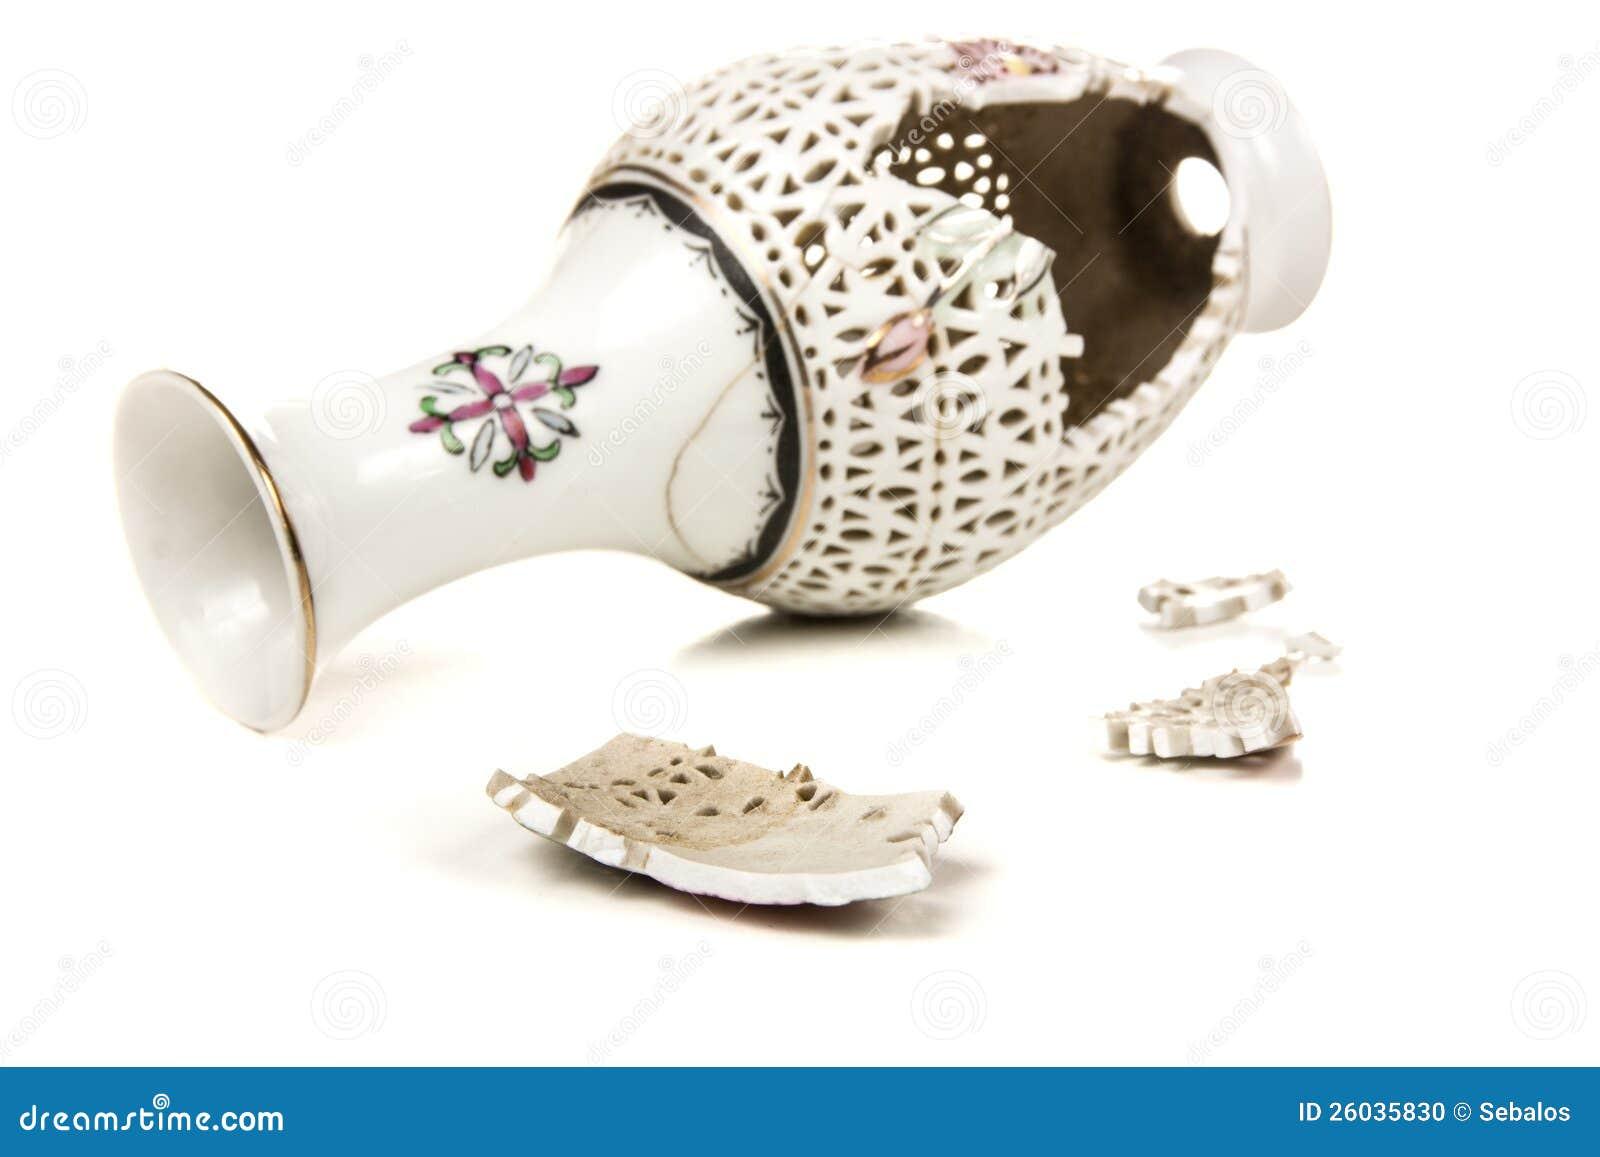 Broken Vase Stock Photo - Image: 26035830 Happy High School Student Clipart